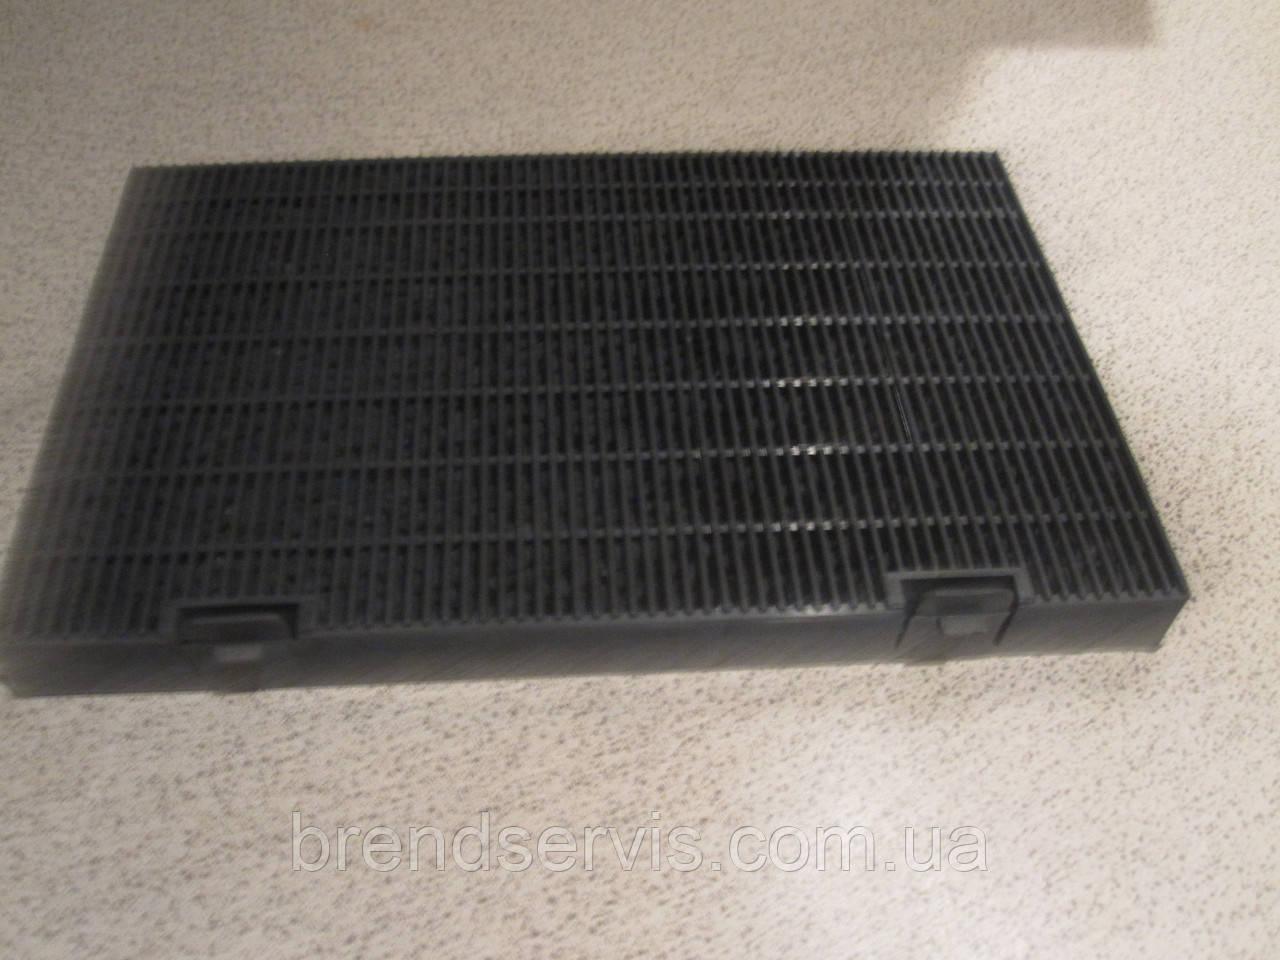 Фильтр угольный для вытяжки Pyramida, HES30D-900